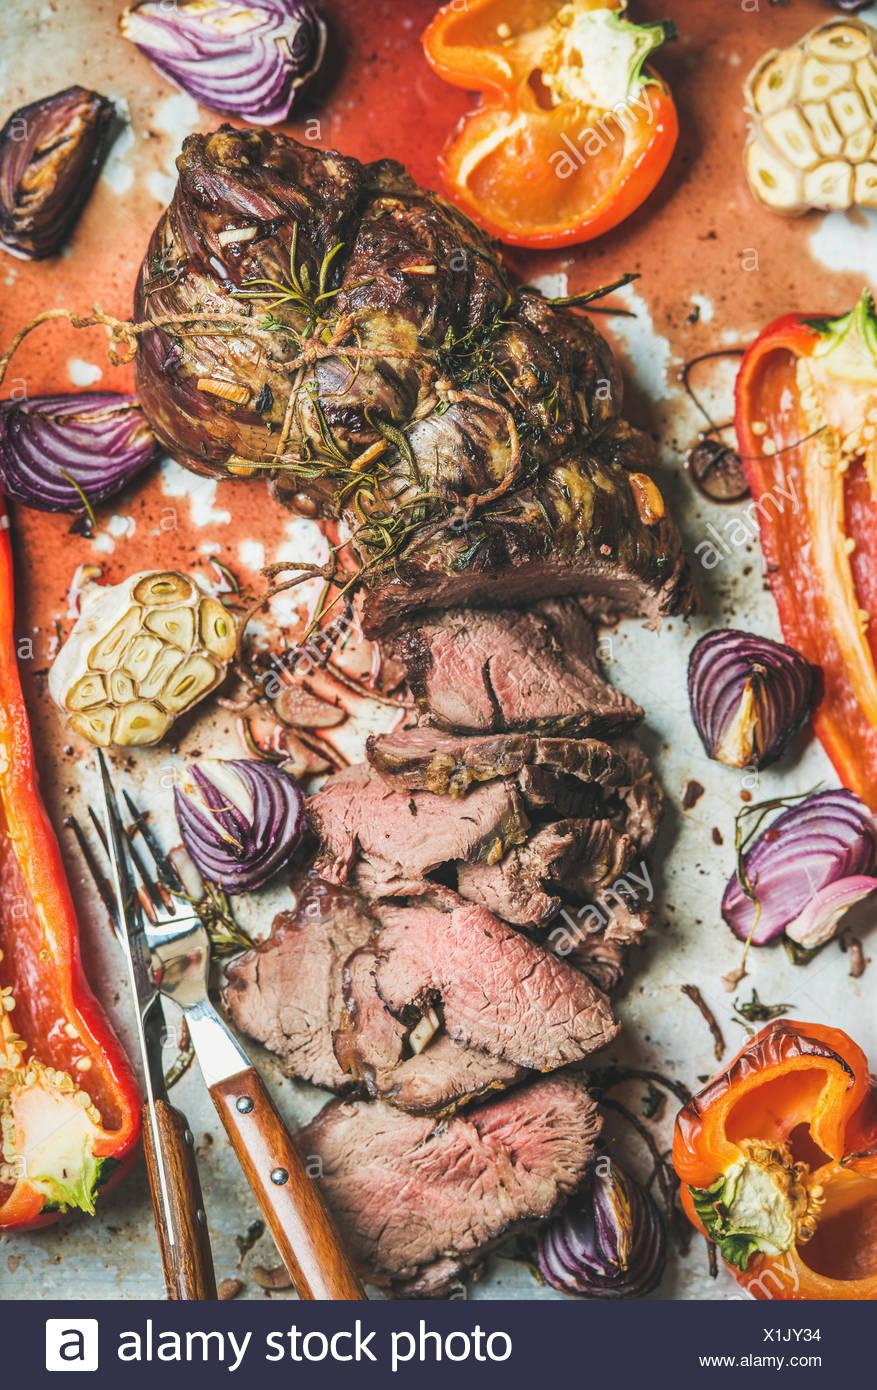 Rôti de boeuf cuit rôti de viande avec légumes et fines herbes en metal plaque de cuisson, vue du dessus, la composition verticale. Concept de Slow food Photo Stock